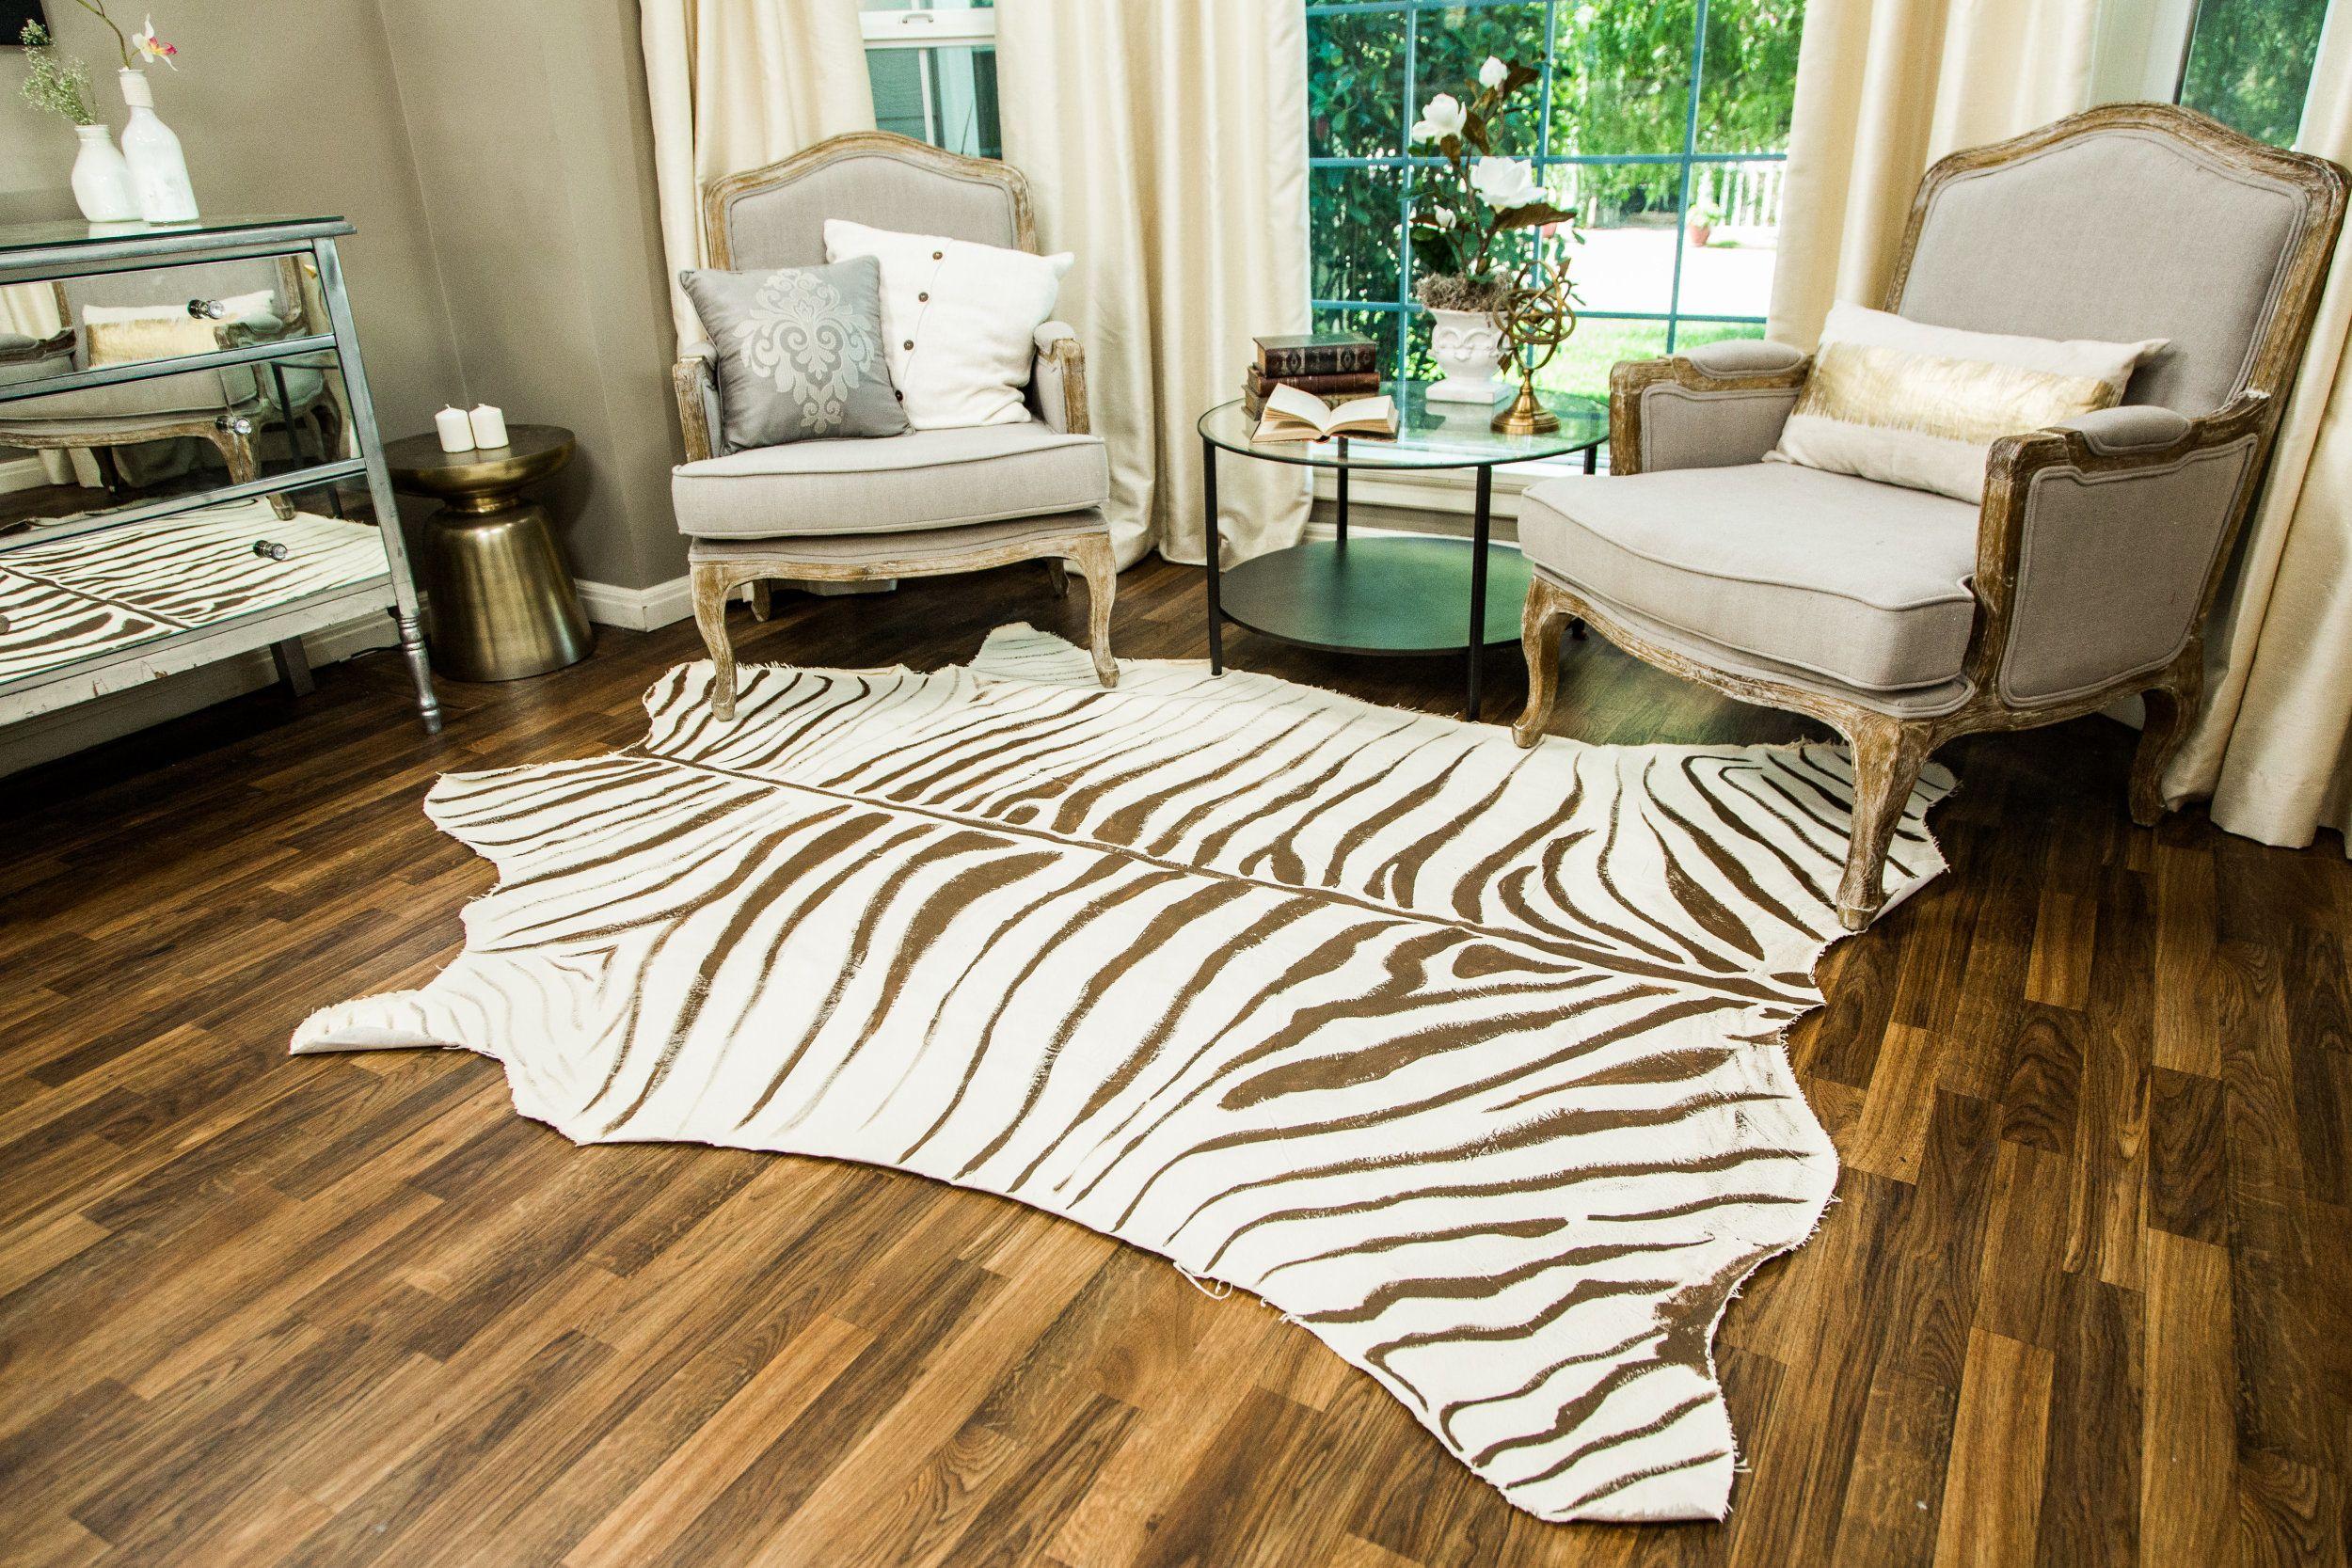 DIY Faux Zebra Rug - Home & Family   Faux zebra rug, Zebra ...